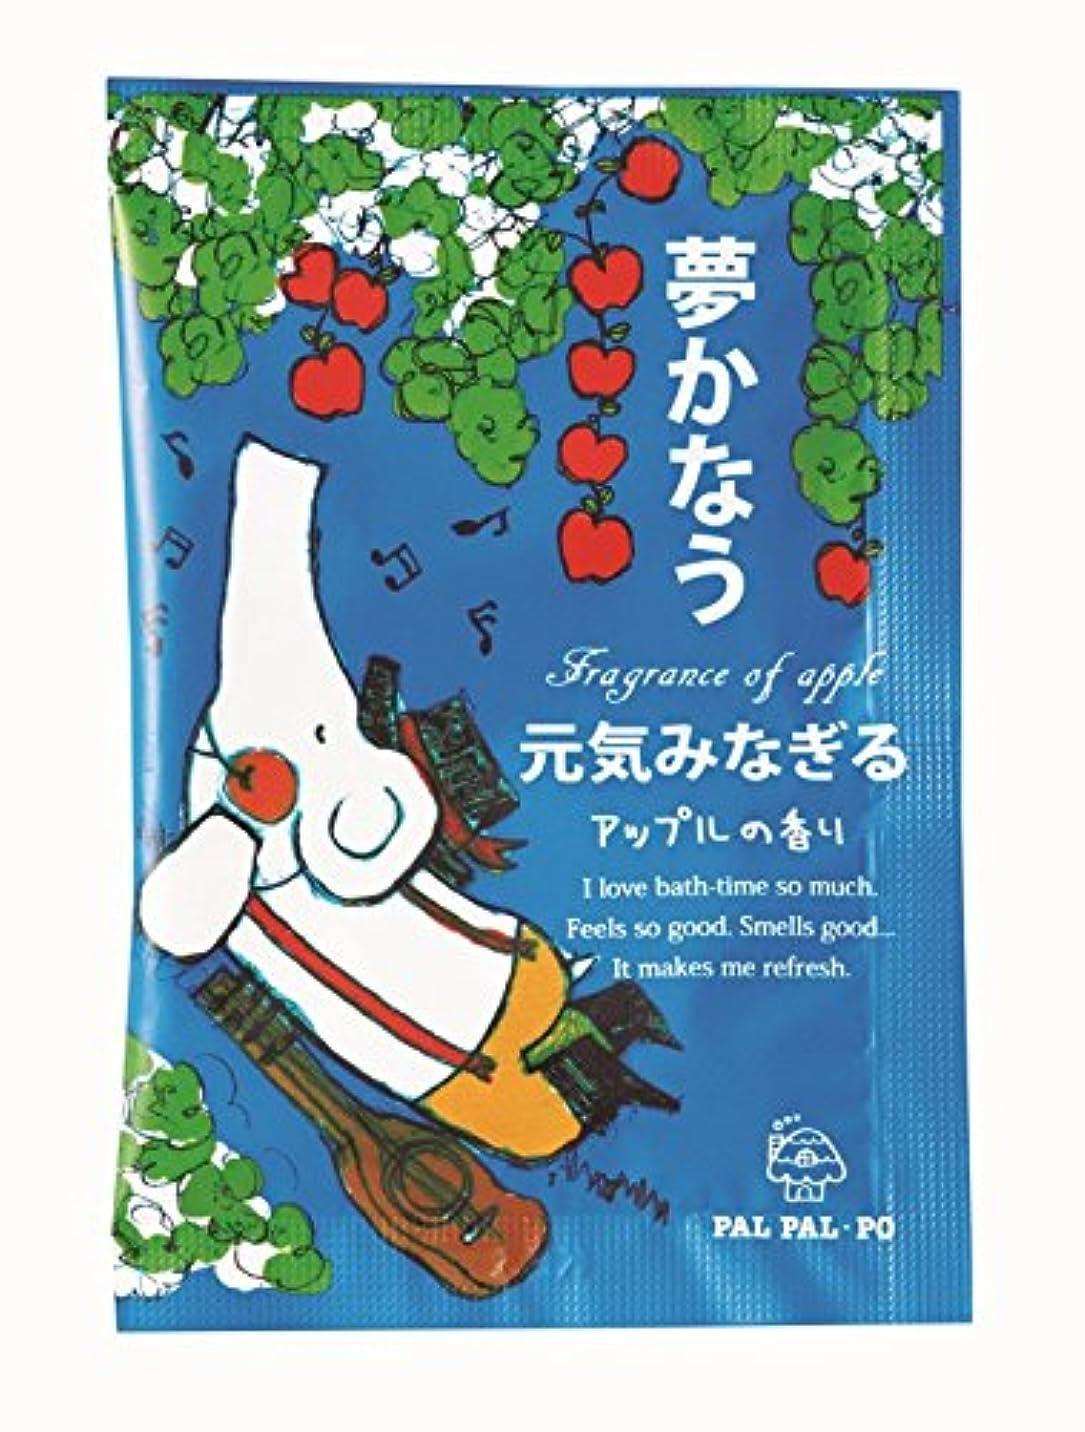 環境に優しいテメリティほこりっぽい入浴剤 パルパルポ-(元気みなぎる アップルの香り)20g ケース 800個入り